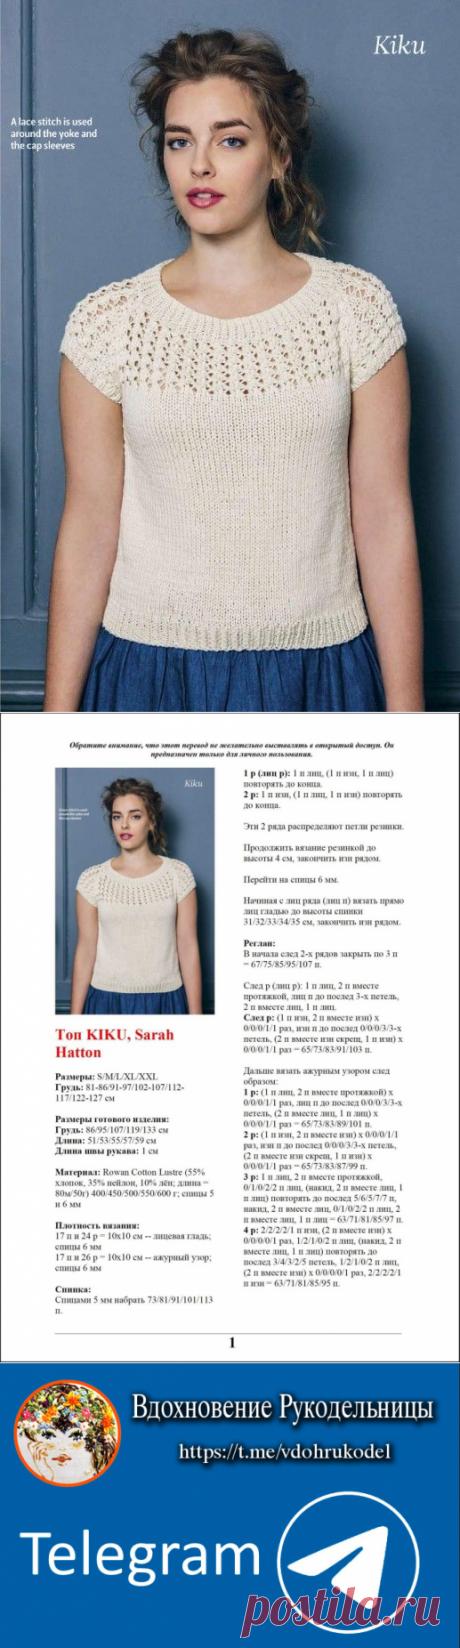 Топ женский KIKU из ленточной пряжи от дизайнера Sarah Hatton (Вязание спицами) – Журнал Вдохновение Рукодельницы